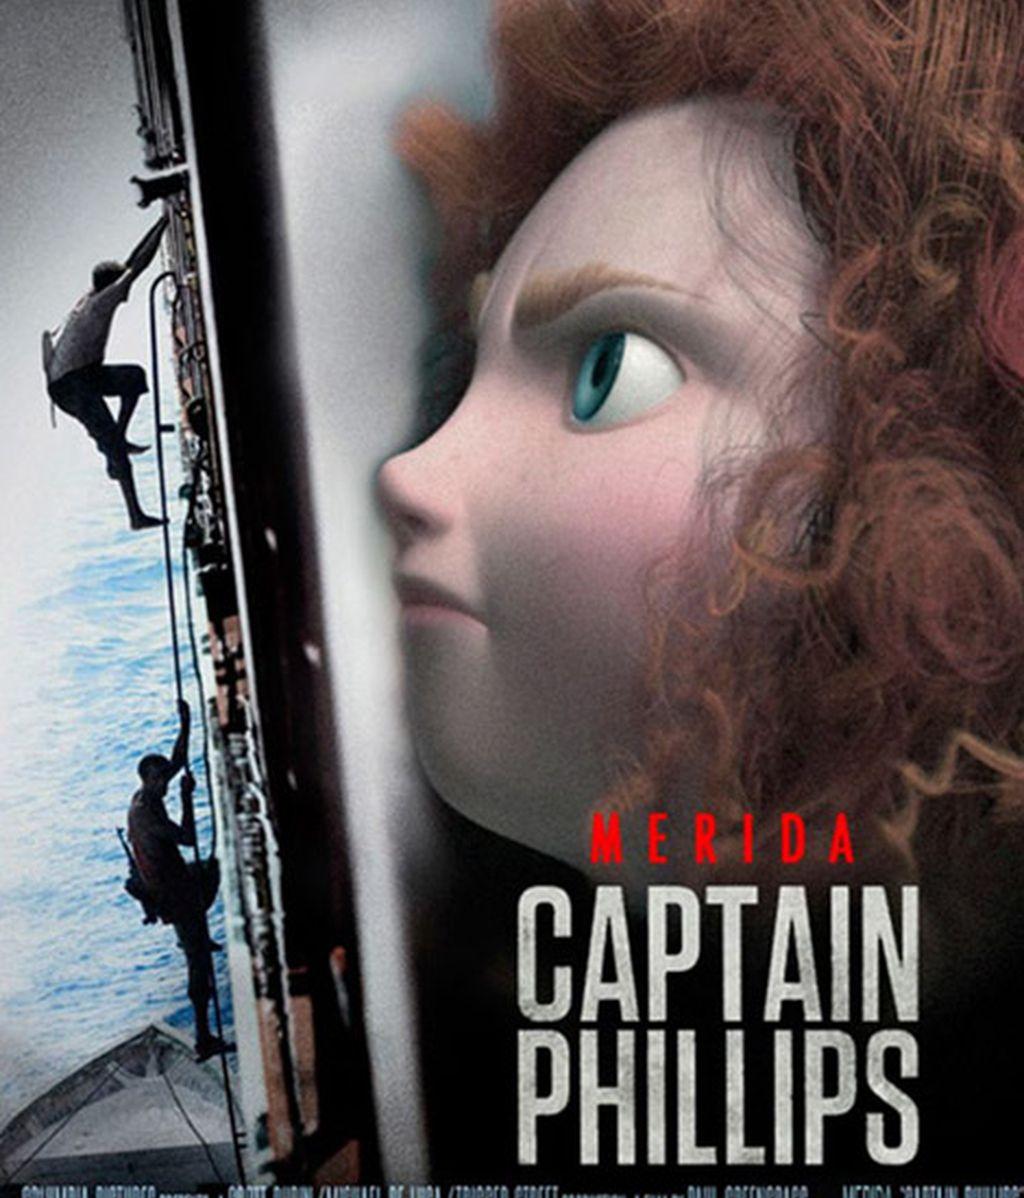 Oscars 2014: Nominadas versión Pixar